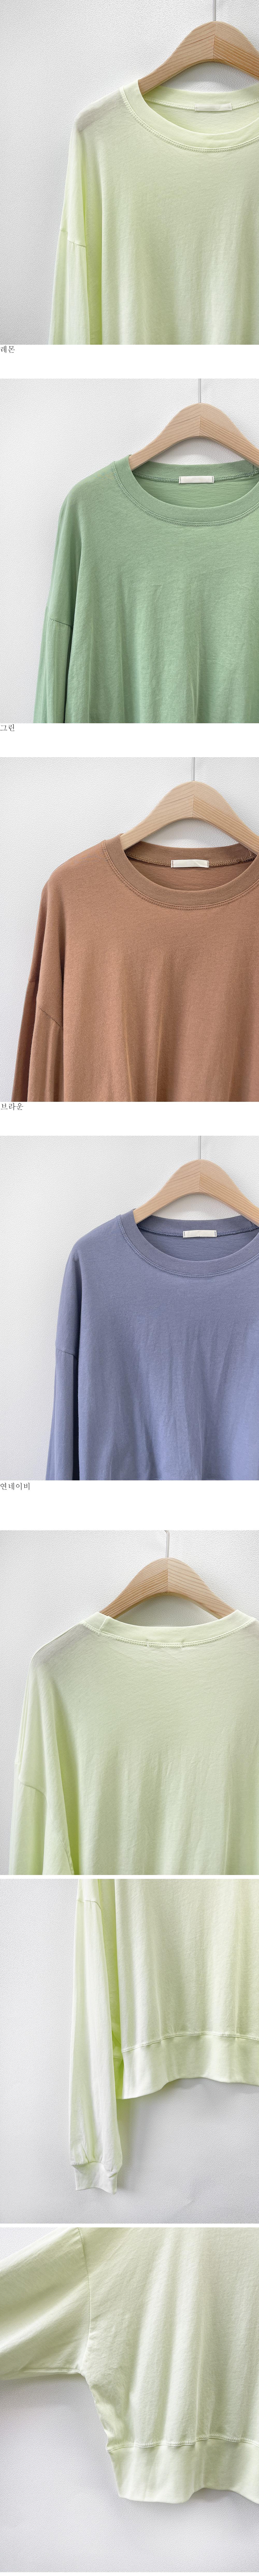 Vero Summer Sweatshirt